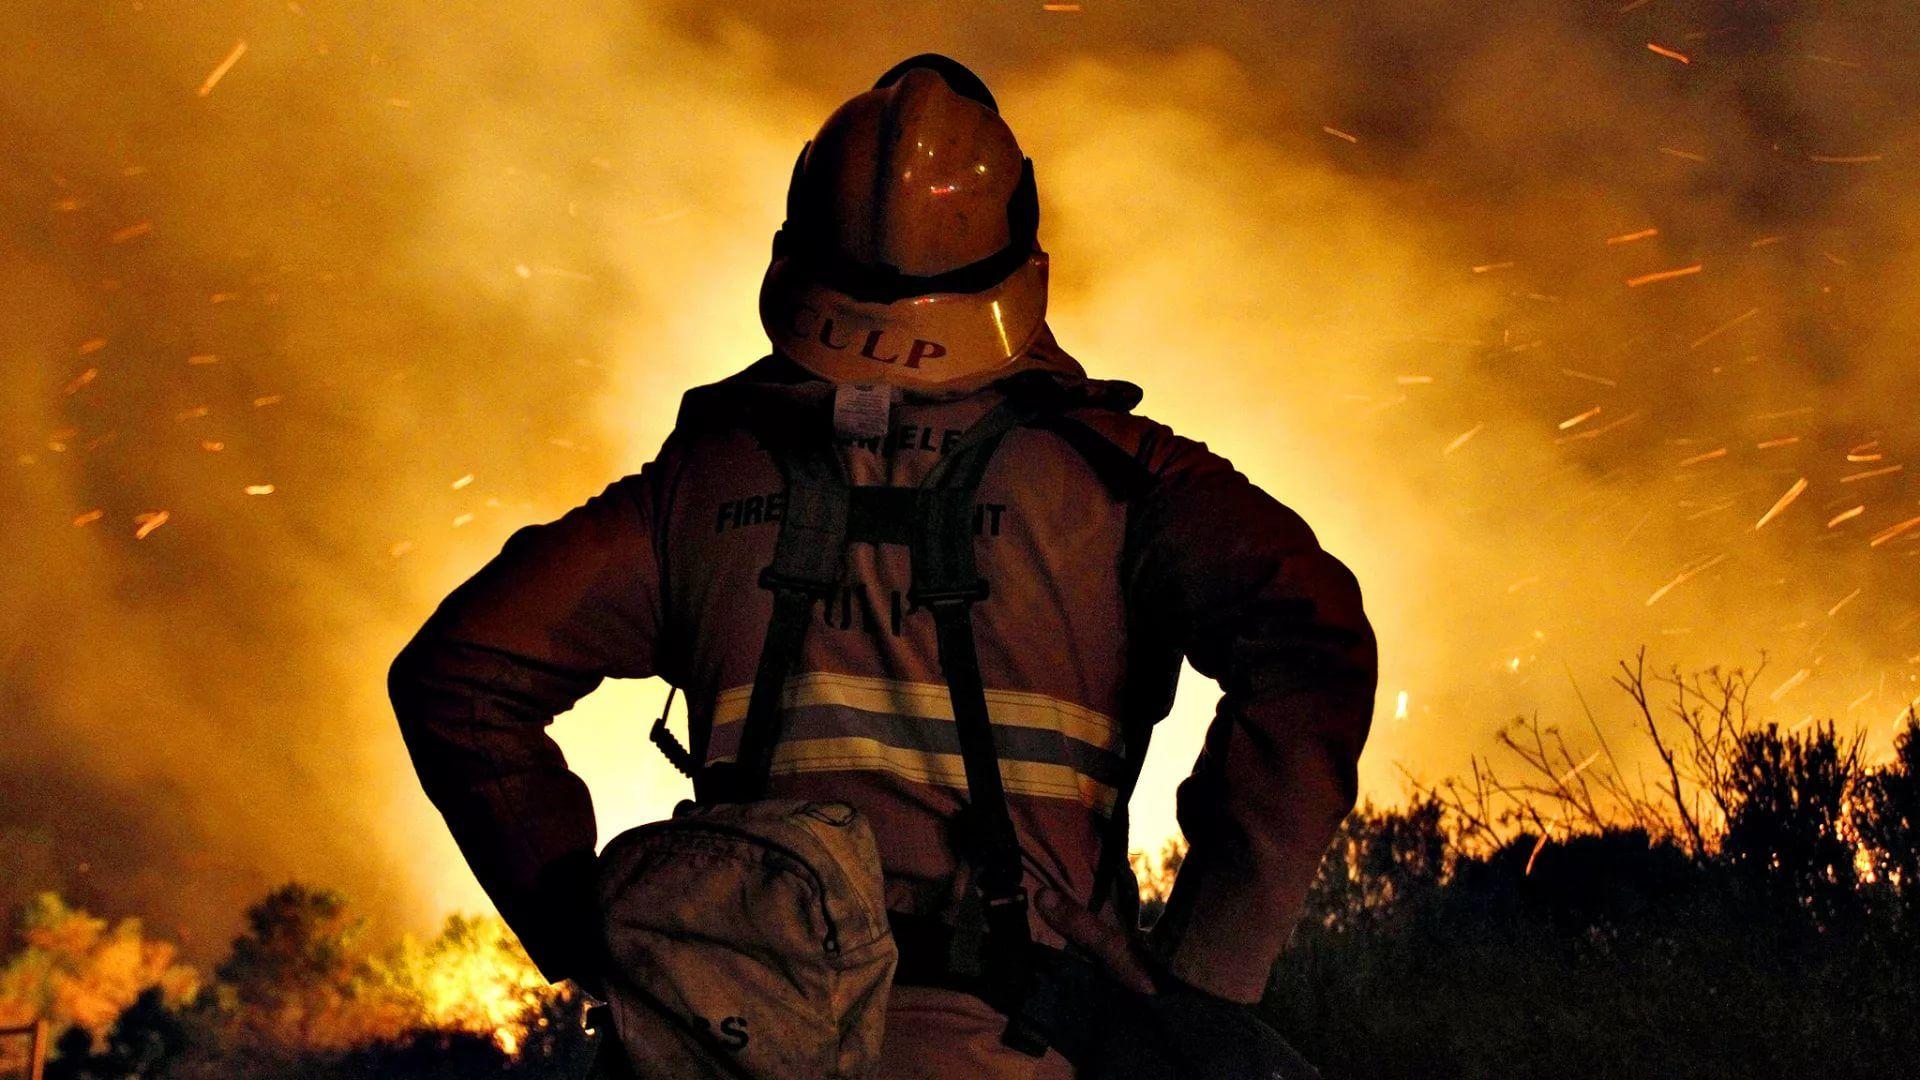 Firefighter computer wallpaper